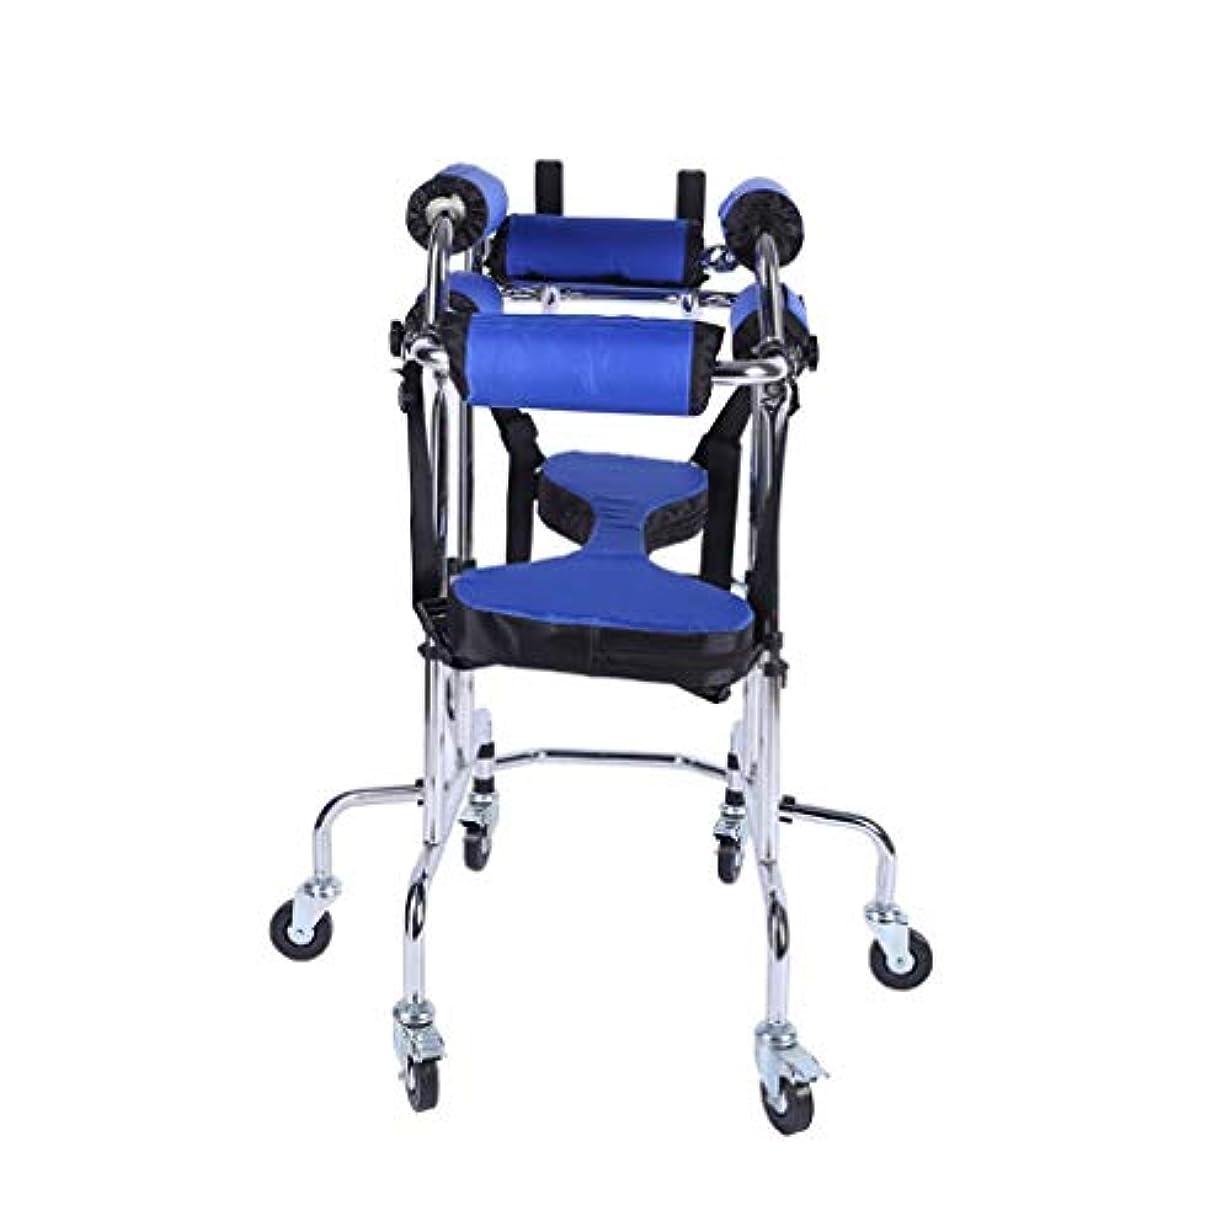 パプアニューギニアリムにやにやチャイルドウォーカー/下肢トレーニングおよびリハビリ機器/リハビリ機器/スタンディングウォークスタンド/ウォークエイド/ウォーカー/スタンドフレーム付きシートホイール